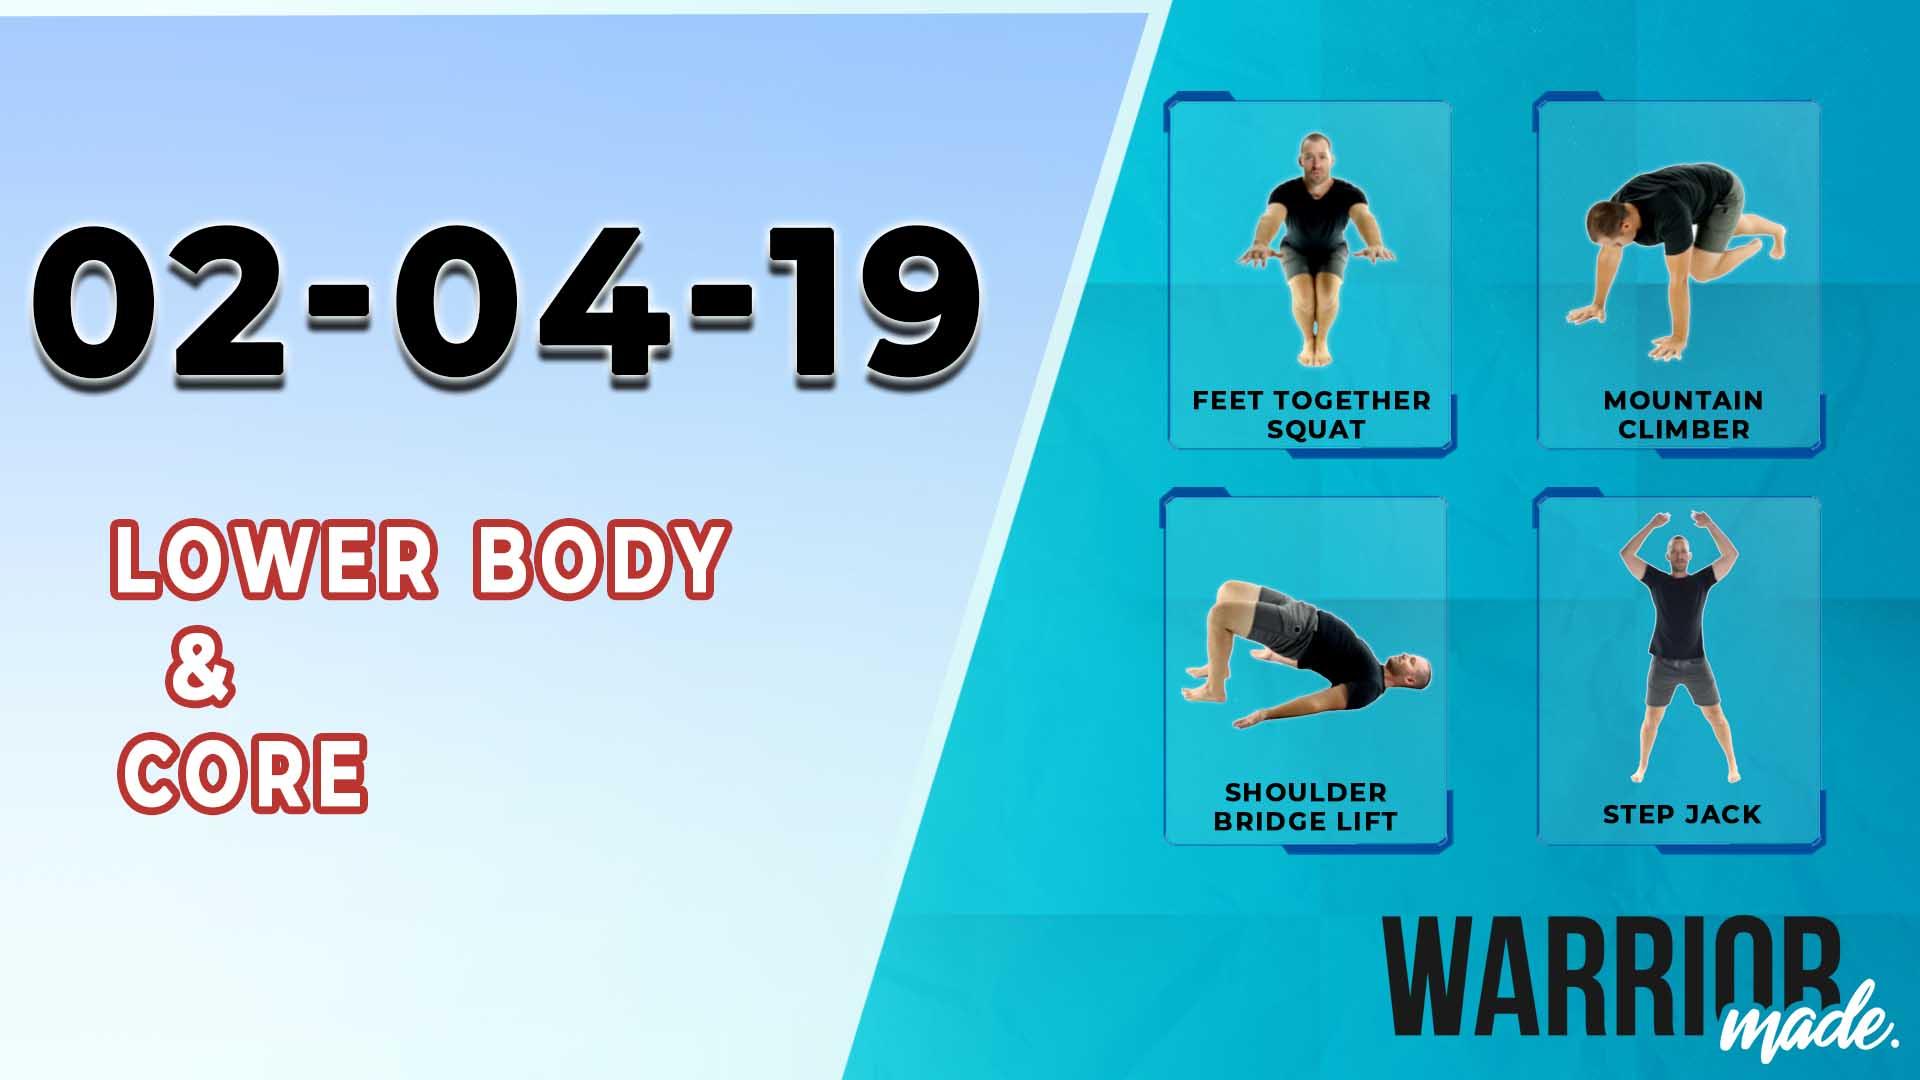 workouts-02-04-19